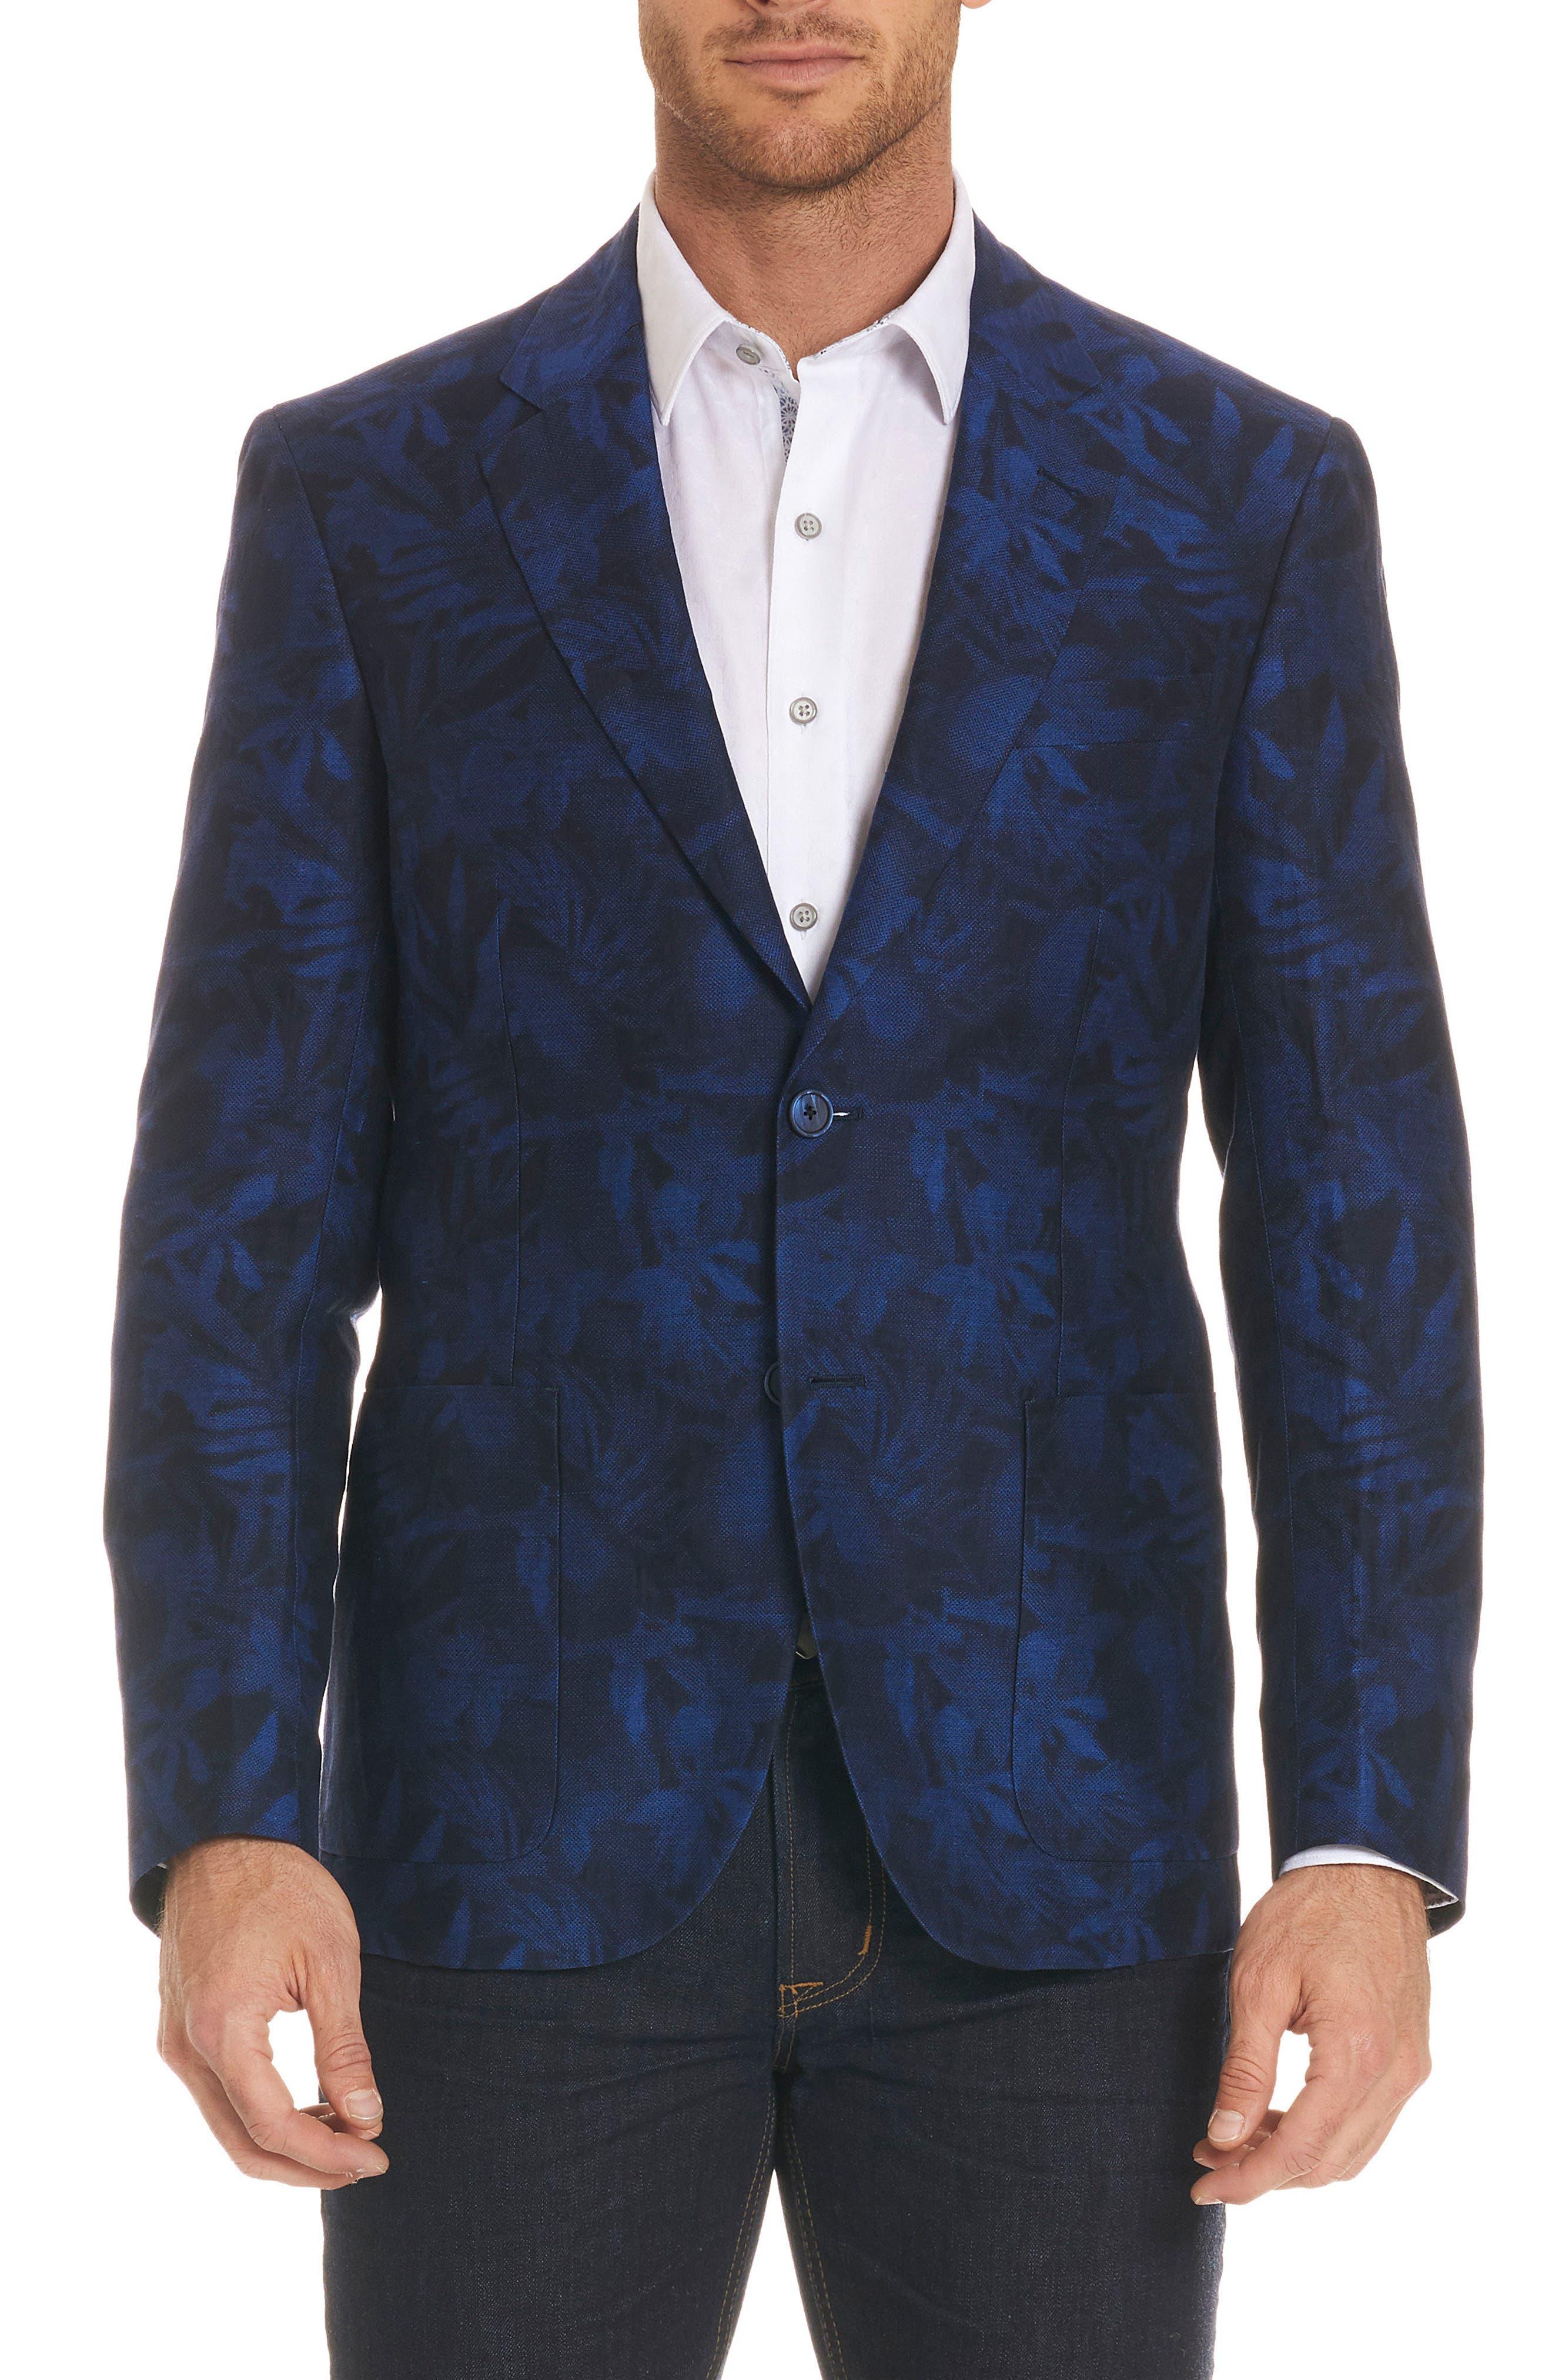 Buxons Linen & Cotton Sport Coat,                             Main thumbnail 1, color,                             Blue